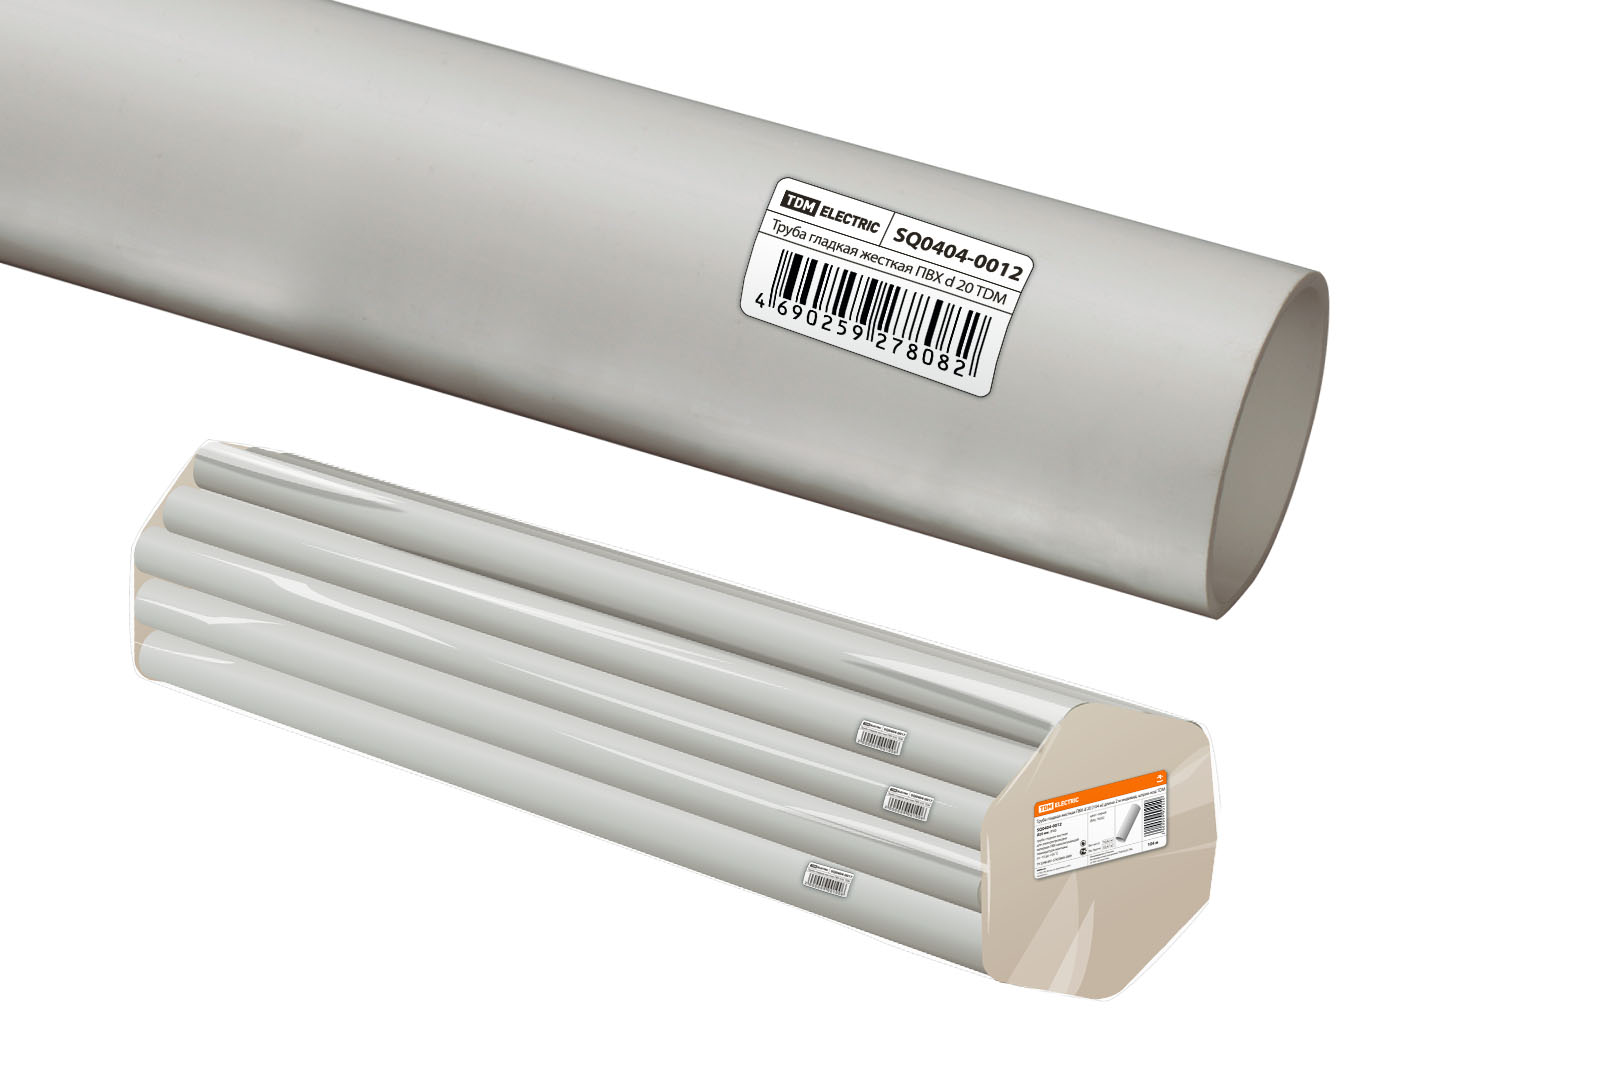 Труба гладкая жесткая ПВХ d 20 (104 м) длина 2 м индивид. штрихкод TDM SQ0404-0012 TDM Electric